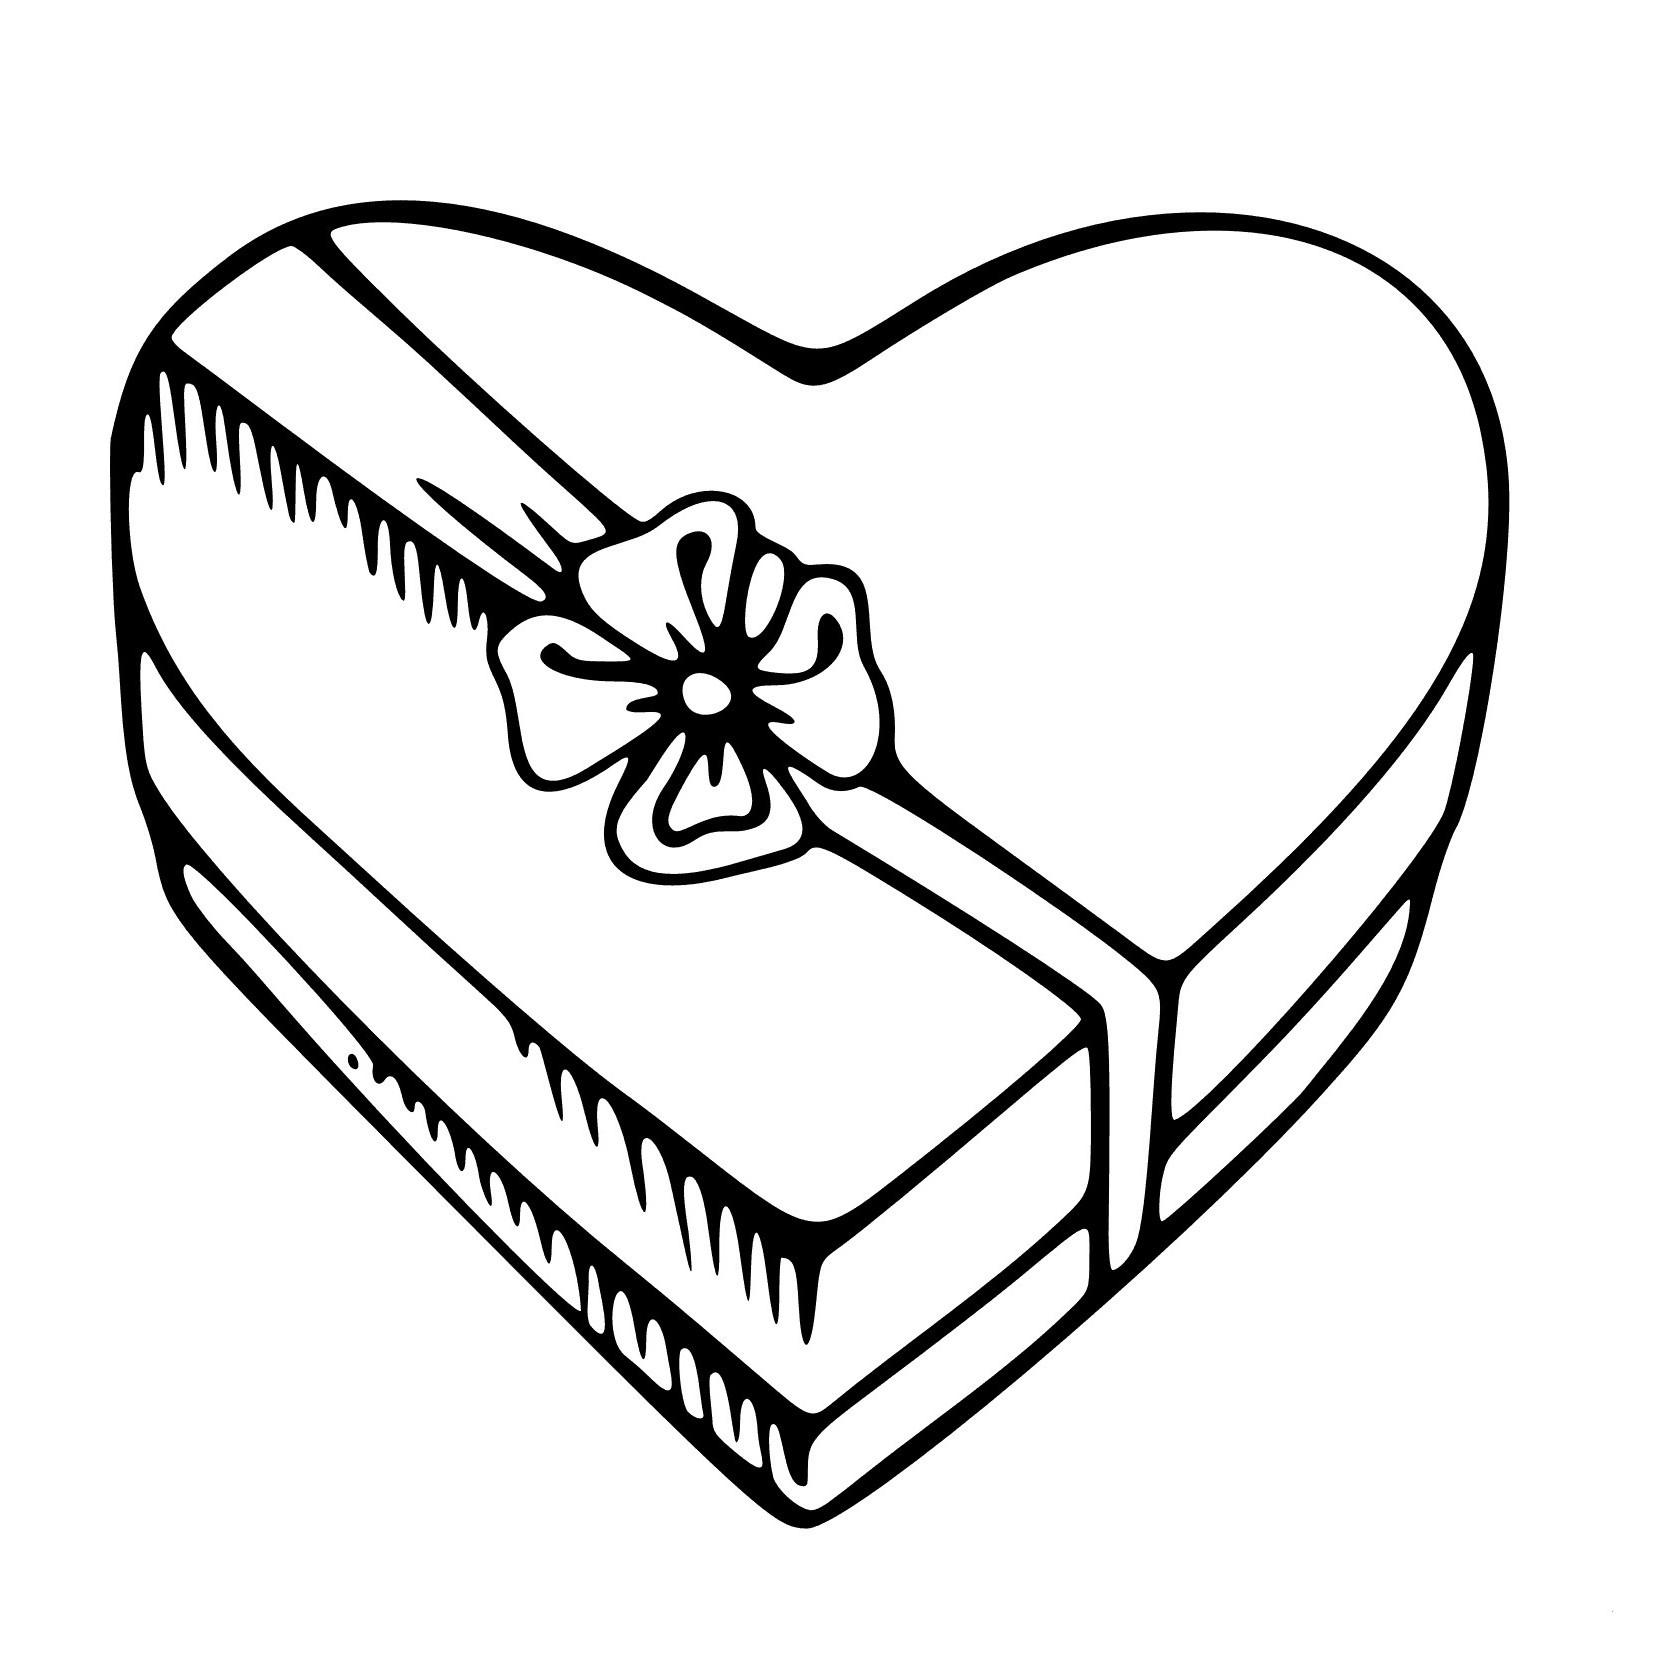 Herzen Zum Ausmalen Einzigartig 35 Luxus Ausmalbilder Herz – Malvorlagen Ideen Fotos